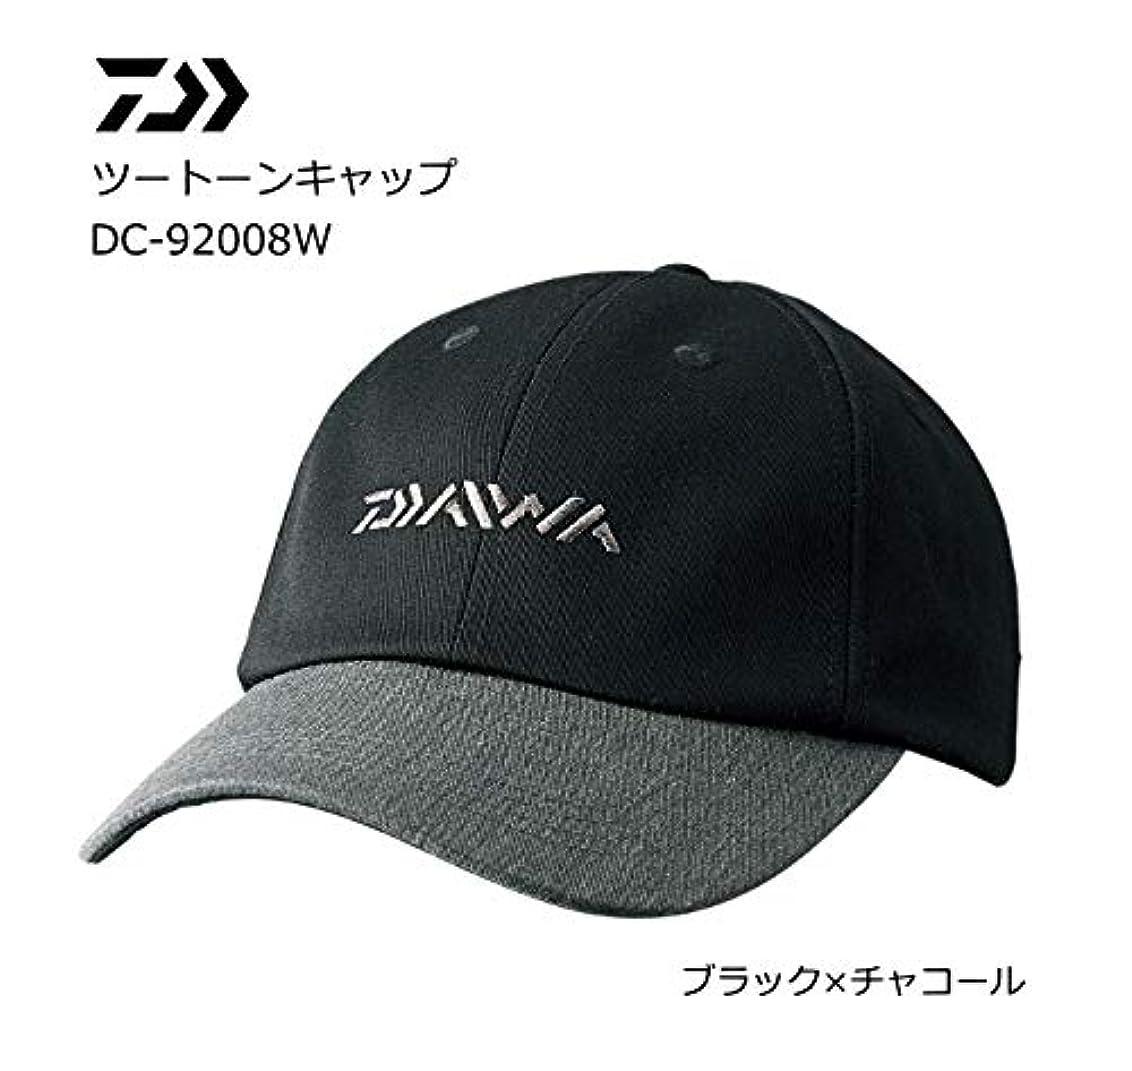 頼むプライバシーキルトダイワ(DAIWA) ツートーンキャップ DC-92008W